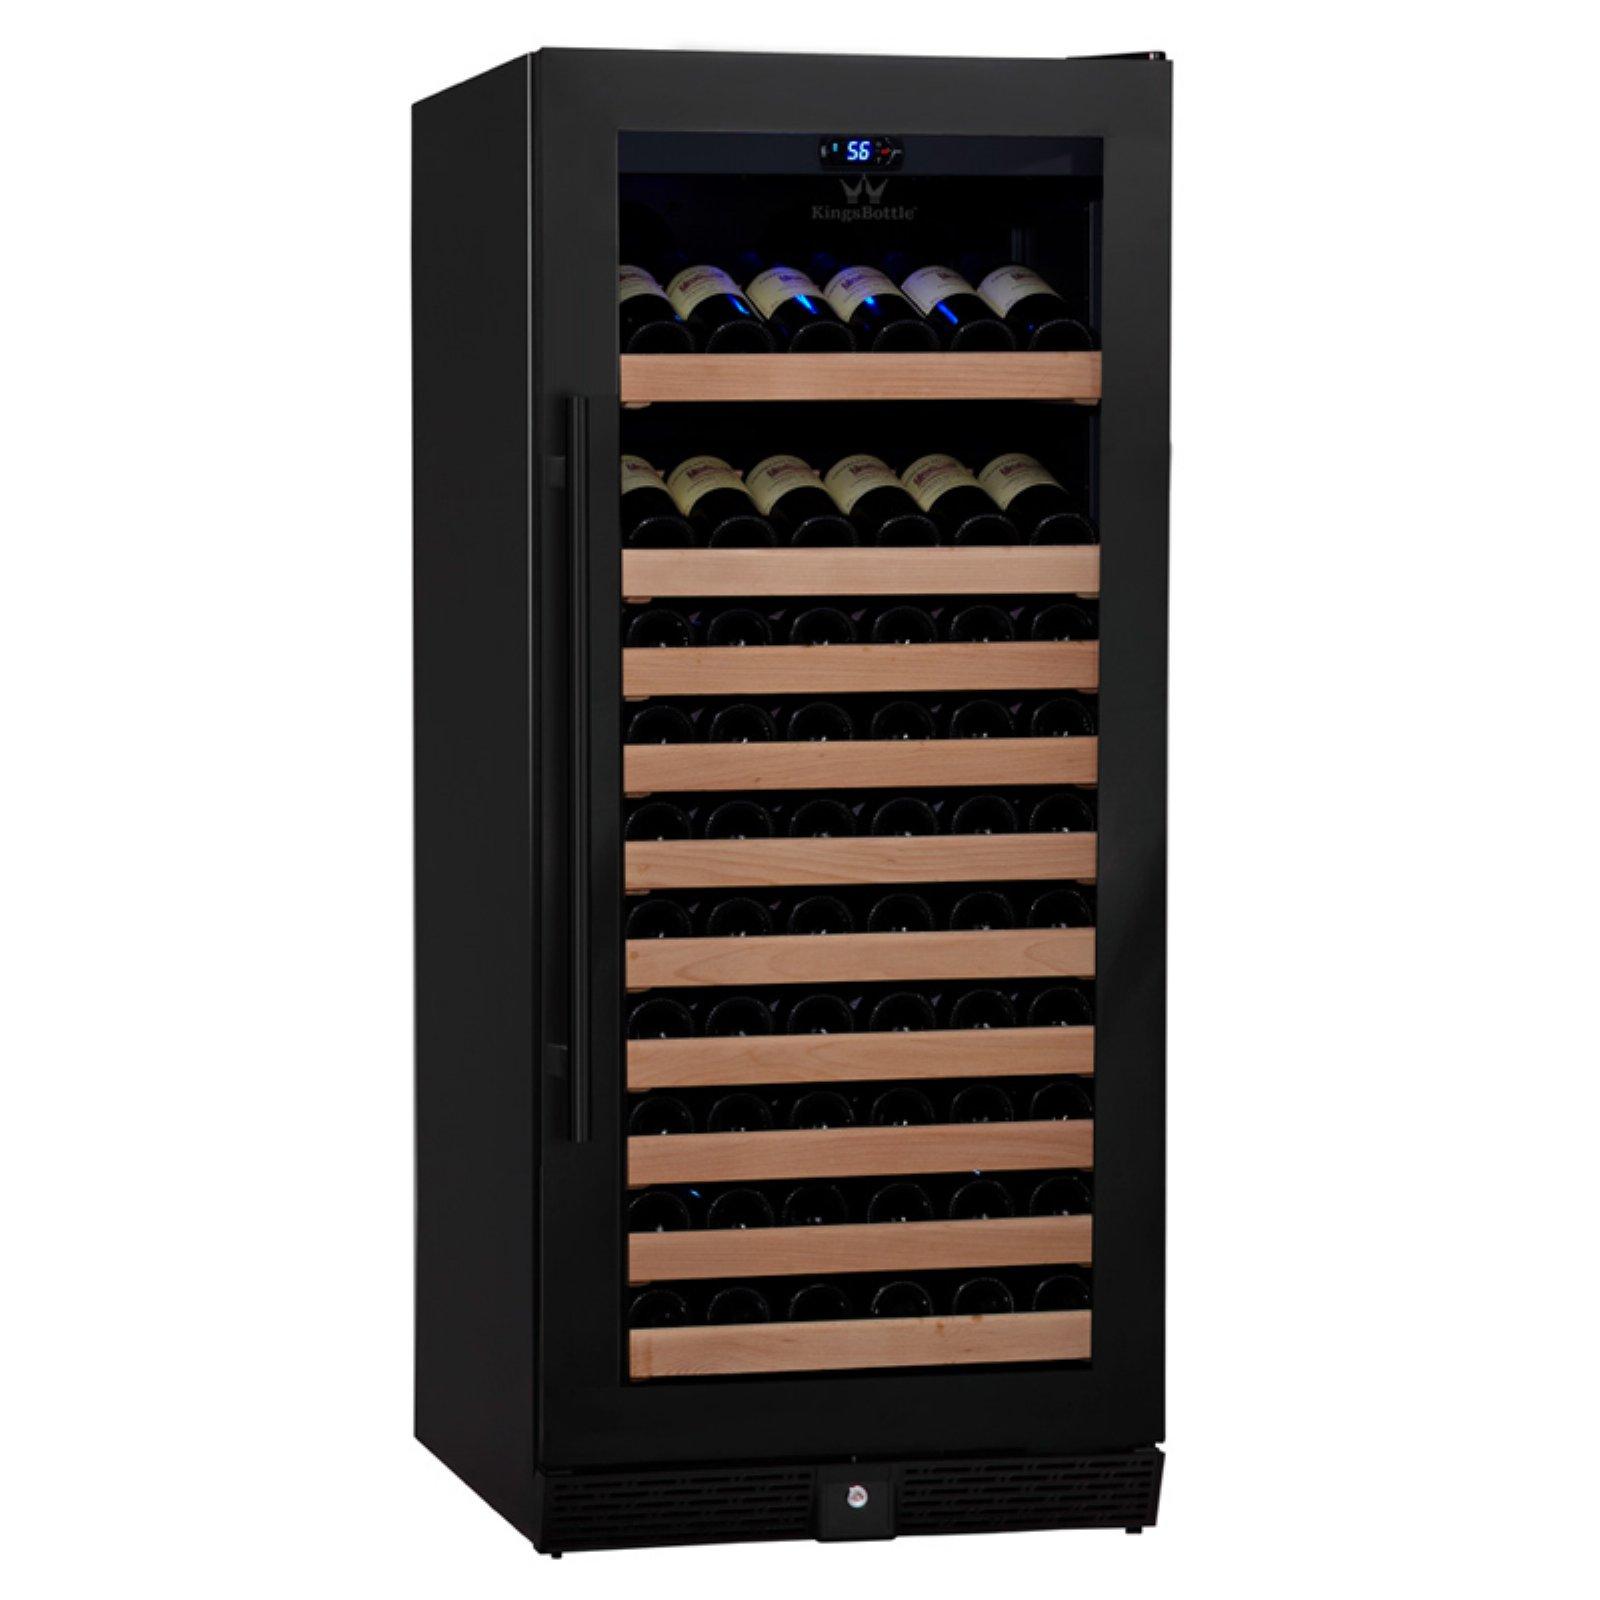 Kingsbottle 98-Bottle 1Temp Wine Fridge, Black